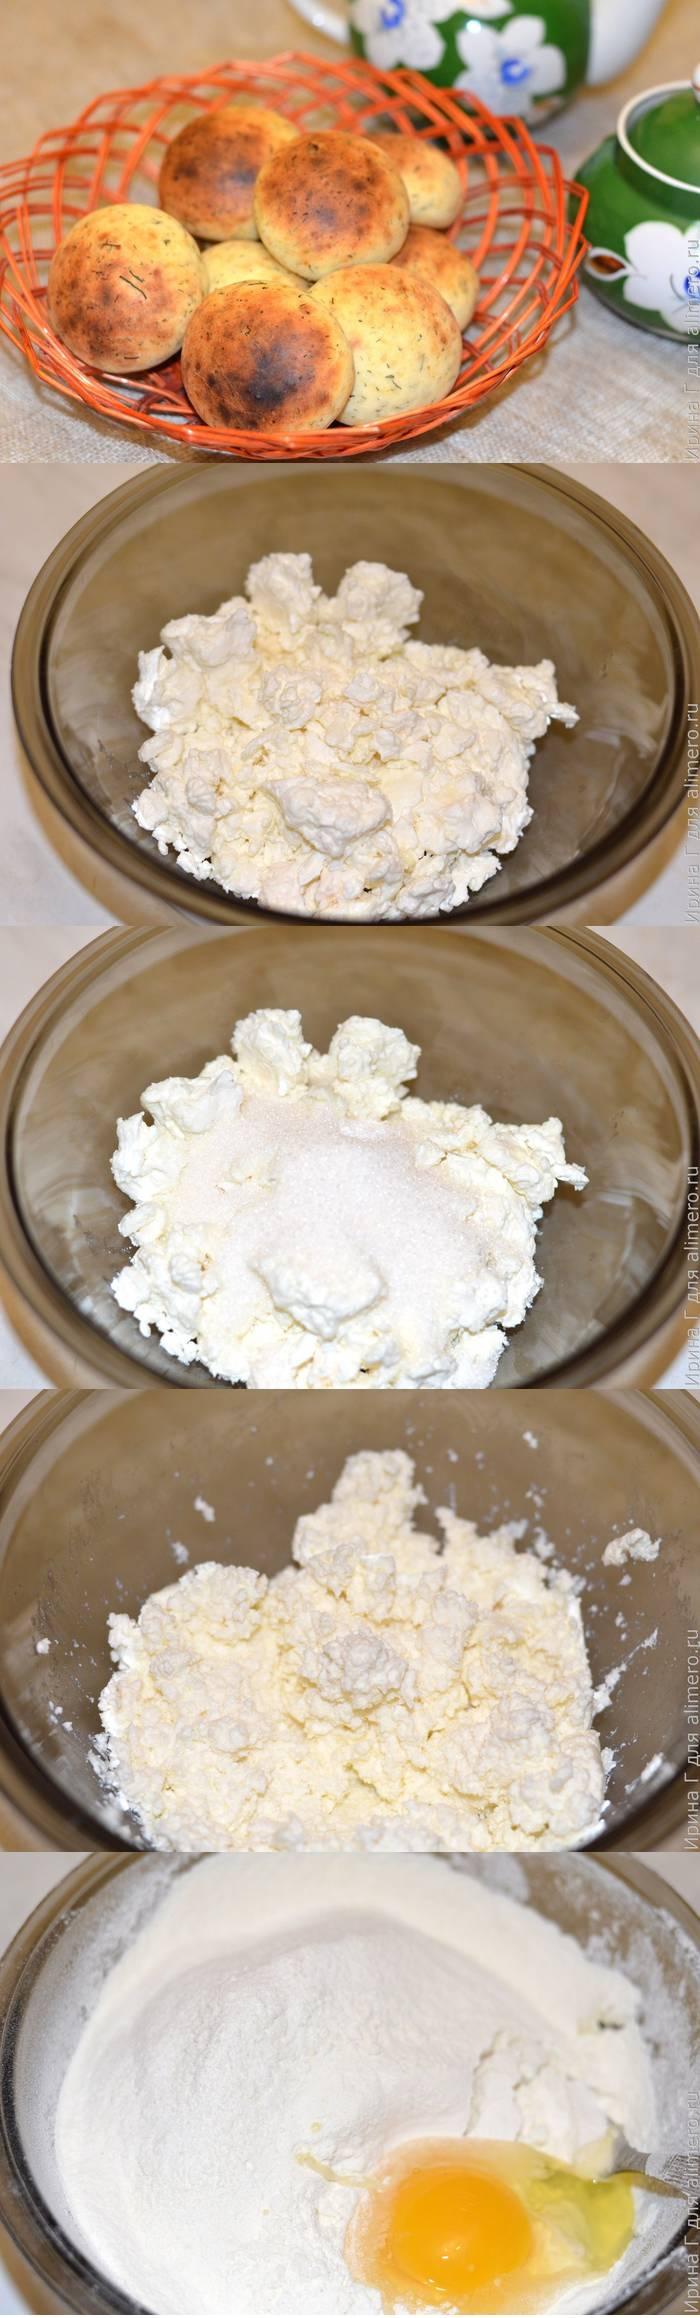 Творожные булочки с укропом